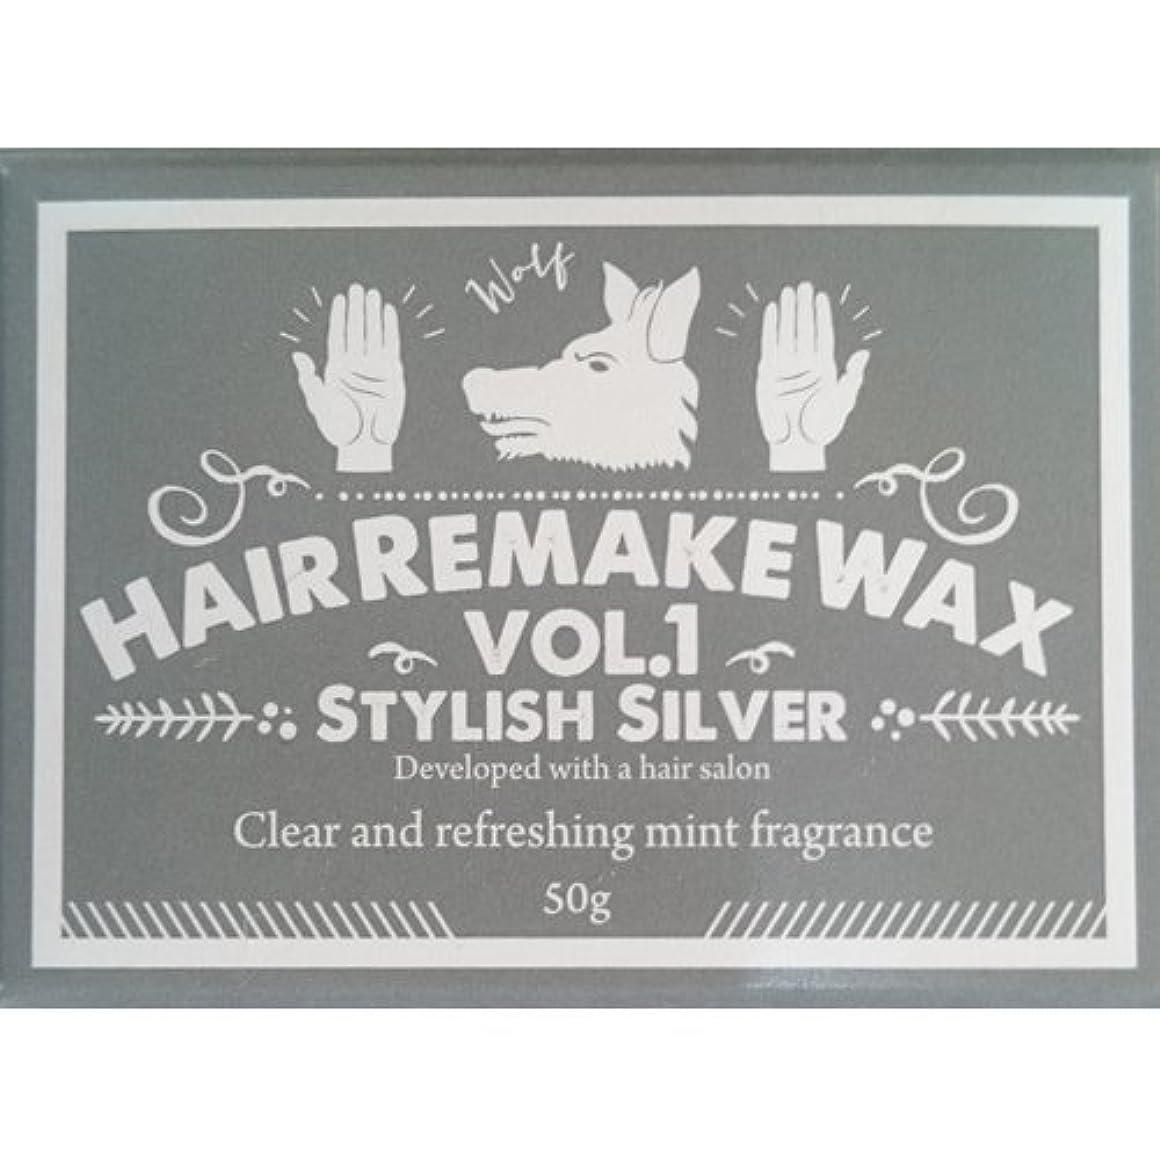 実質的エントリ番目Hair Remake(ヘアーリメイク)WAX Vol.1 スタイリッシュシルバー 50g